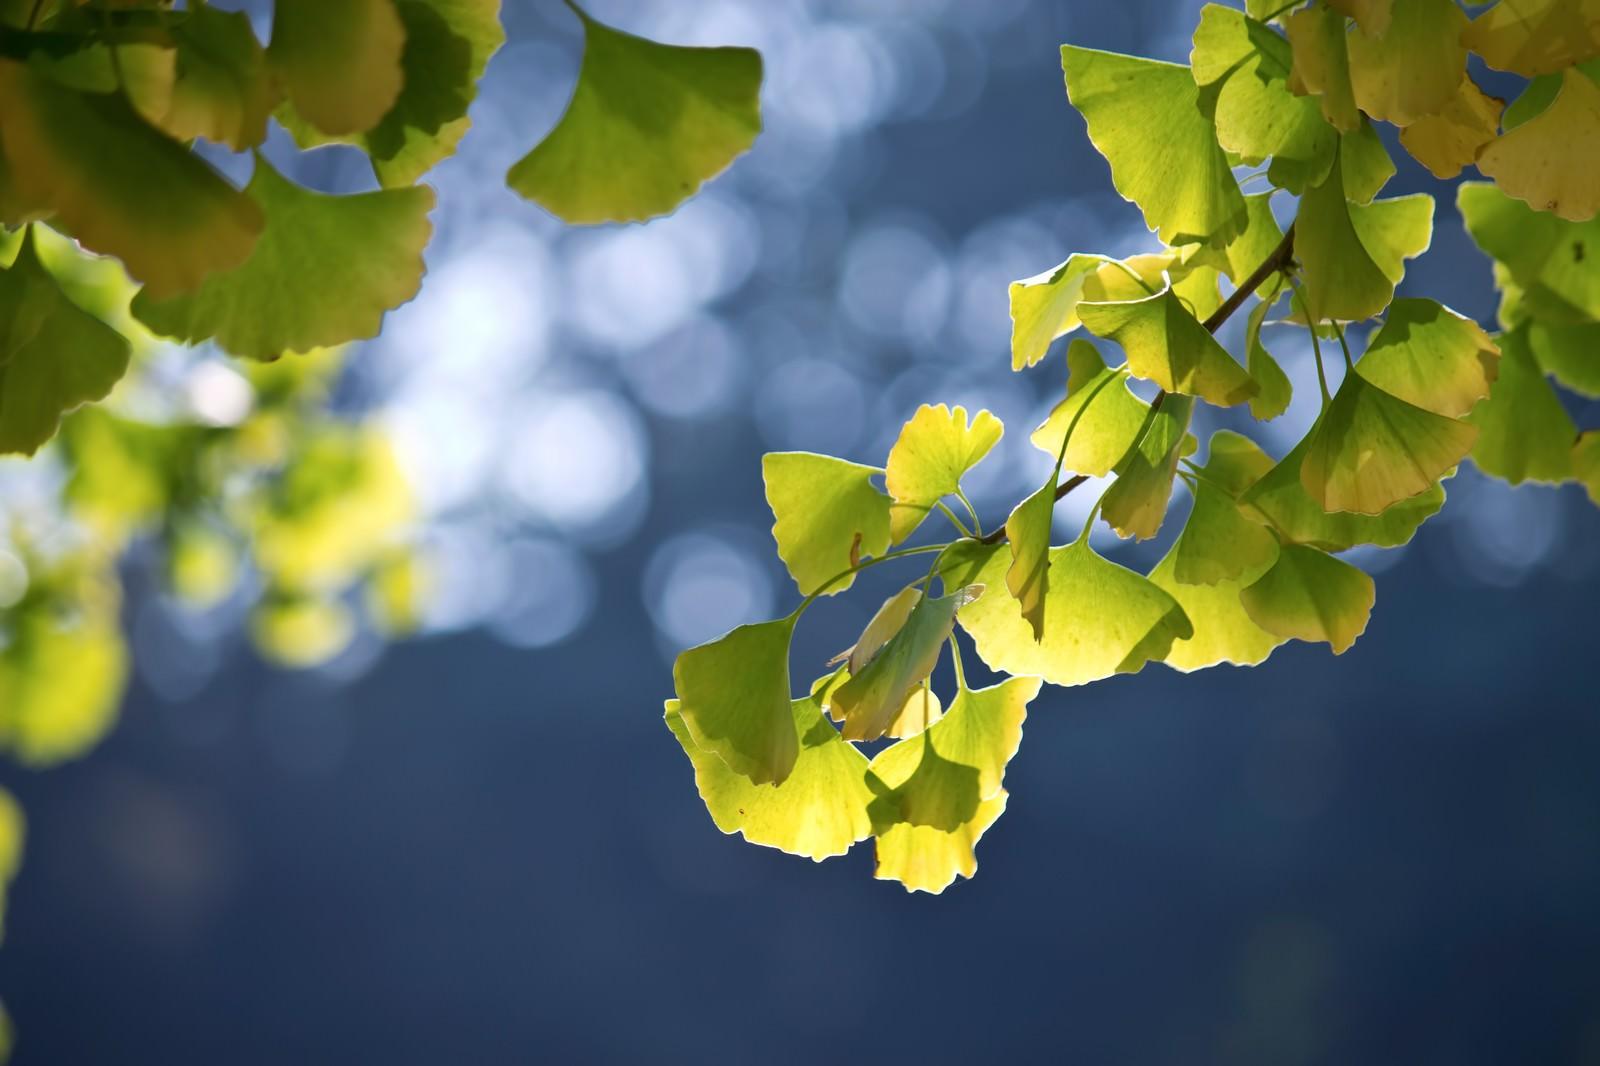 「黄色くなりはじめたイチョウ | ぱくたそフリー素材」の写真